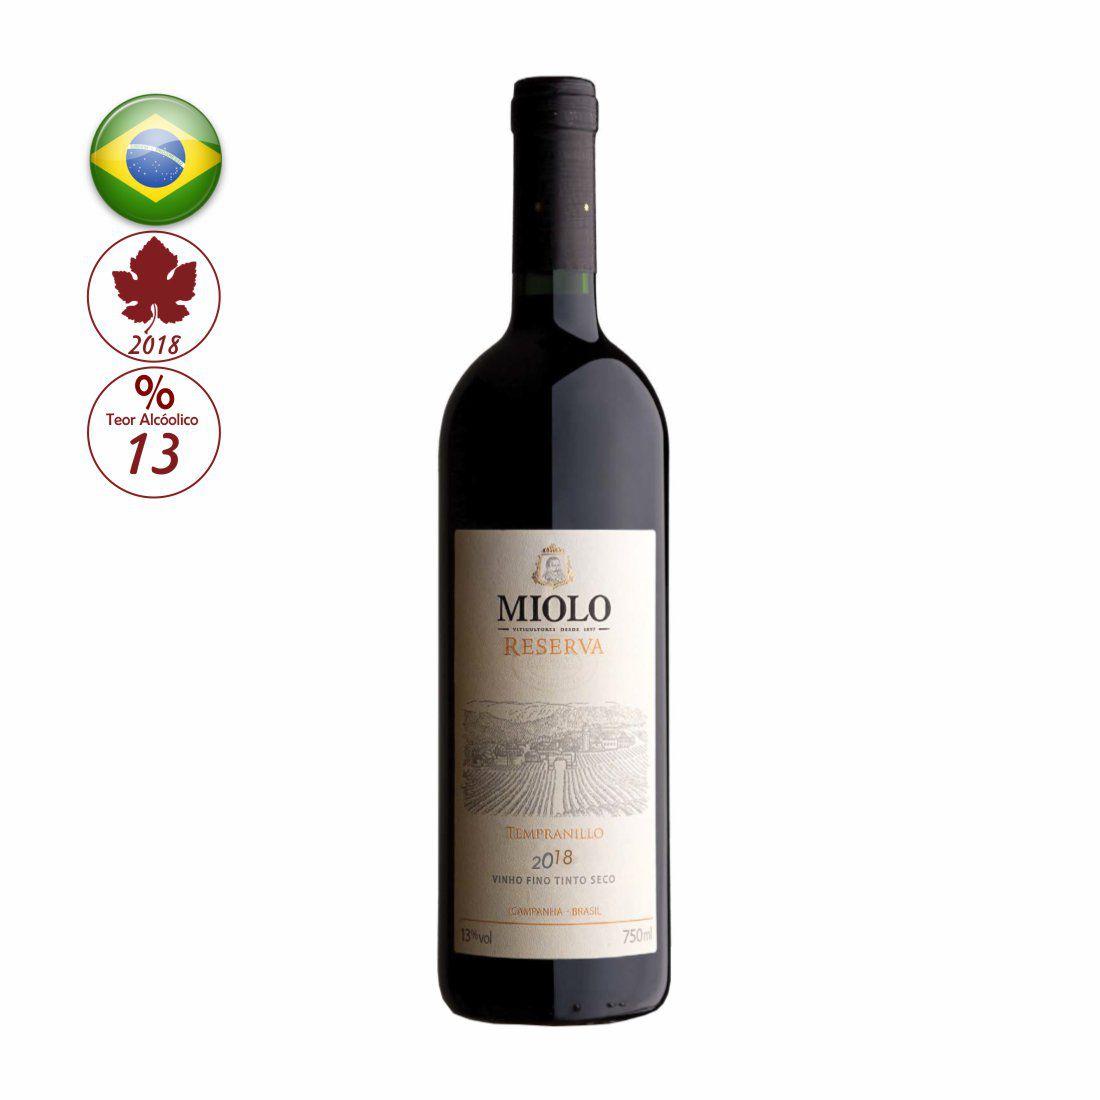 VINHO MIOLO RESERVA 750ML TEMPRANILLO